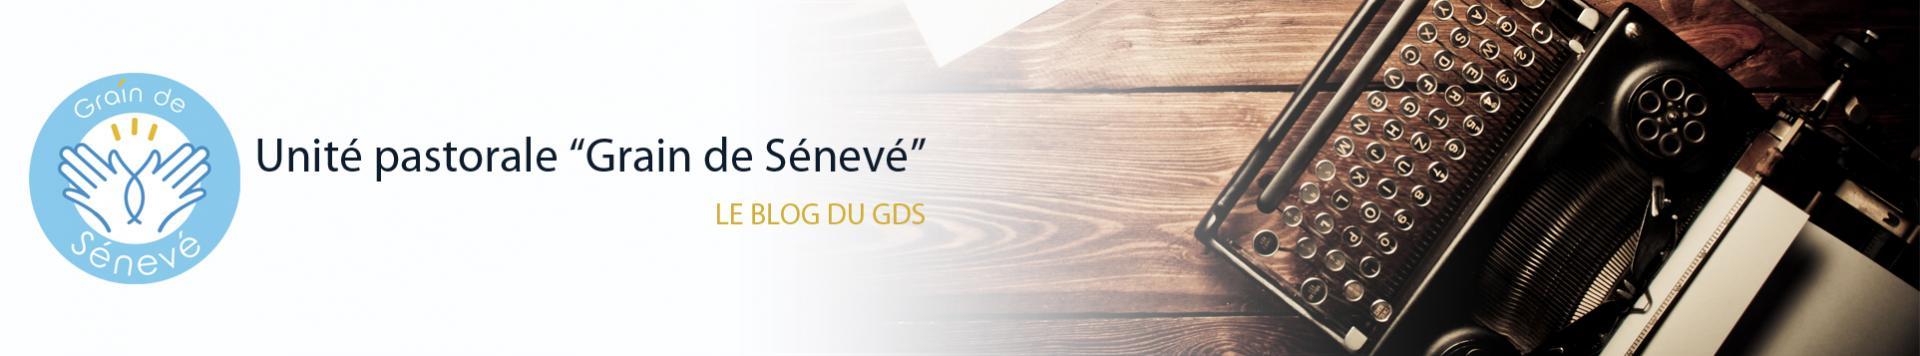 Le Blog du GDS